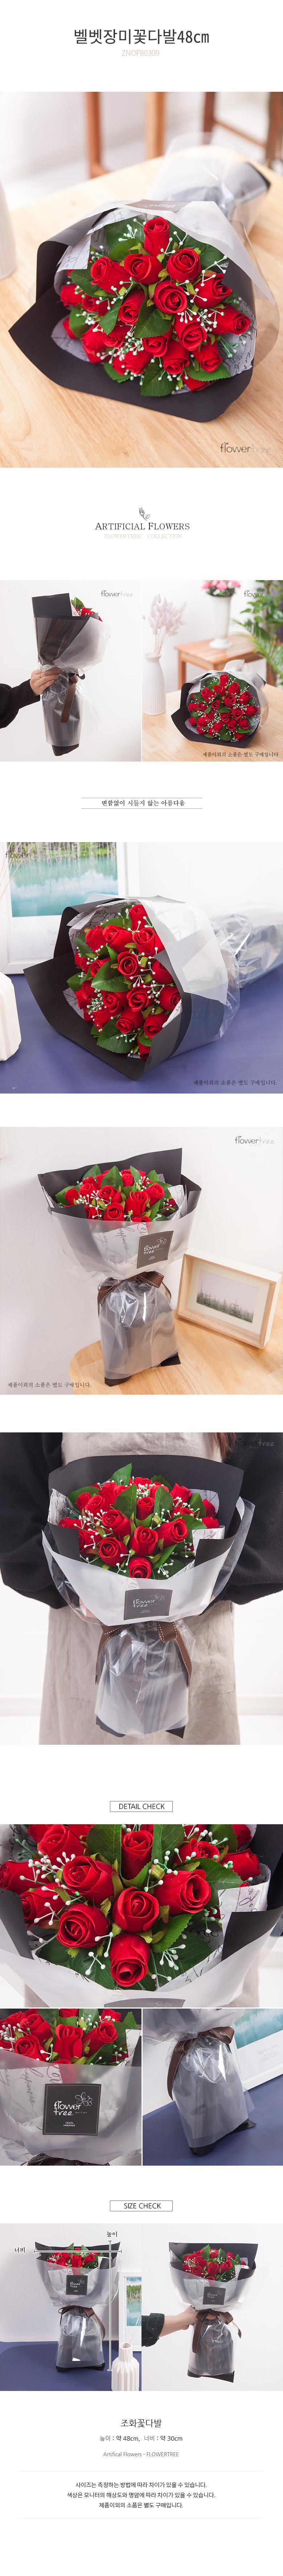 벨벳장미꽃다발 48cmP (전구포함) - 플라워트리, 33,100원, 조화, 꽃다발/꽃바구니